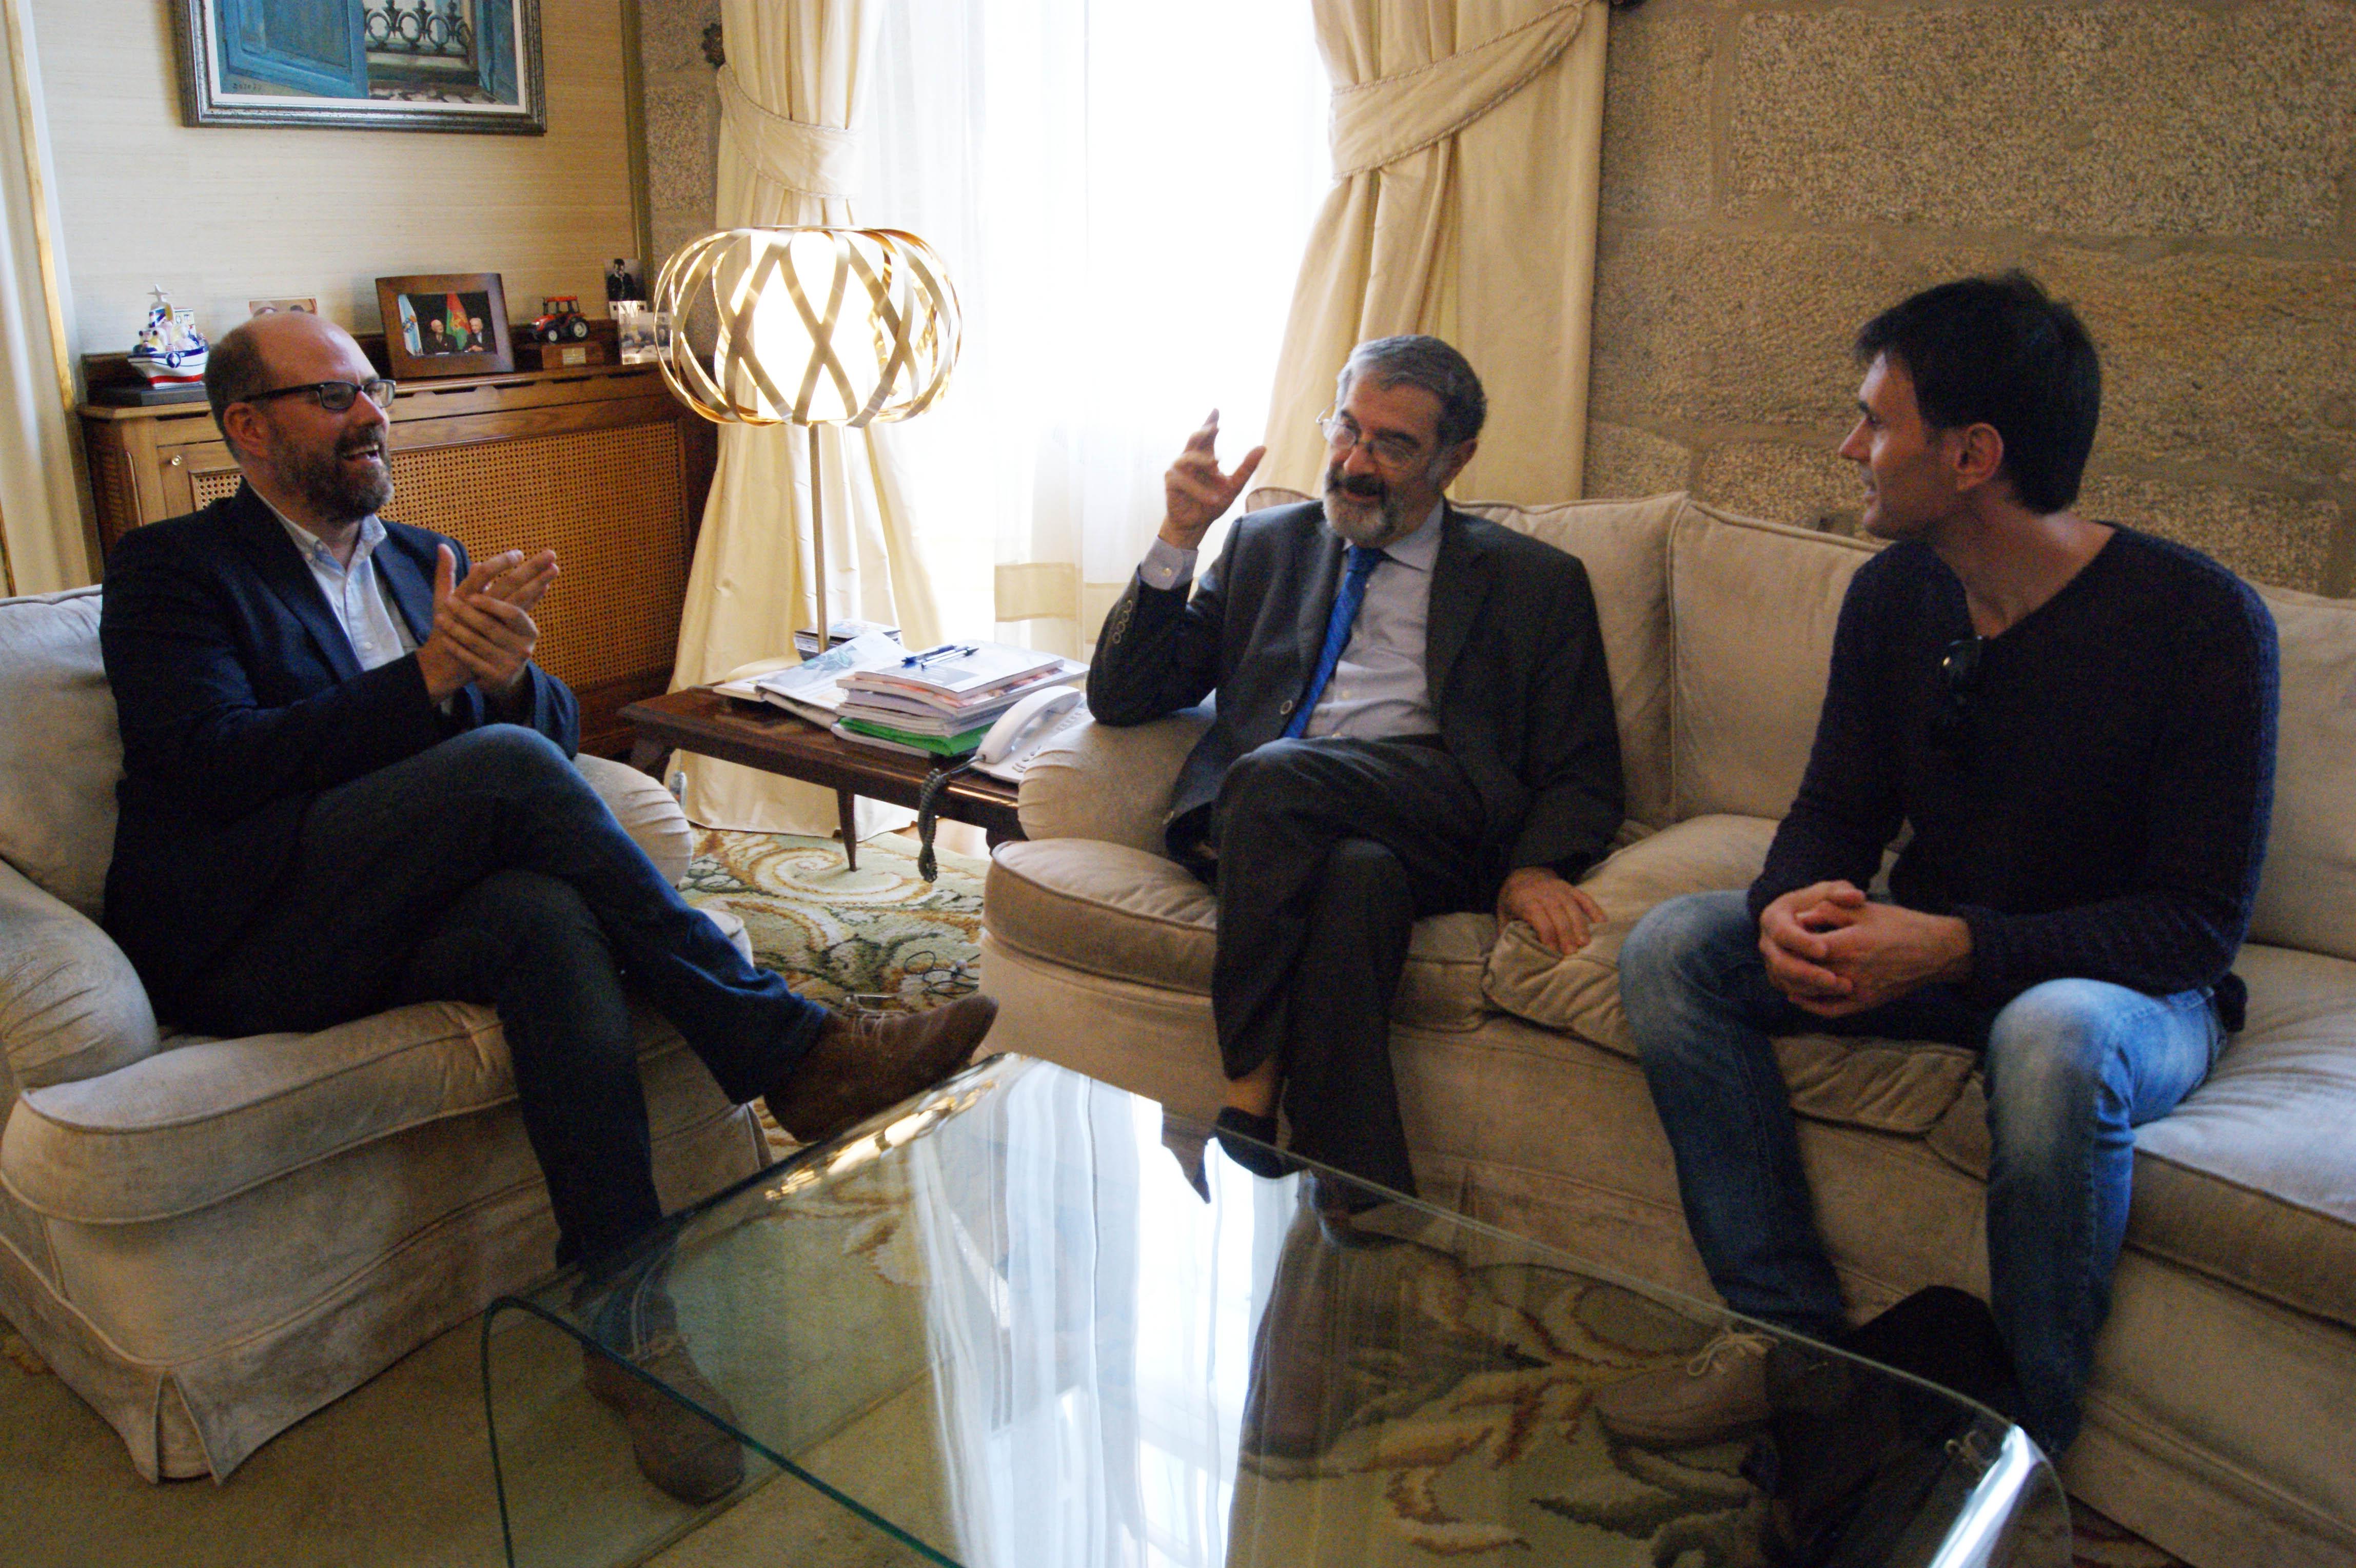 Martiño Noriega, Serge Haroche e Jorge Mira reunidos na Alcaldía.